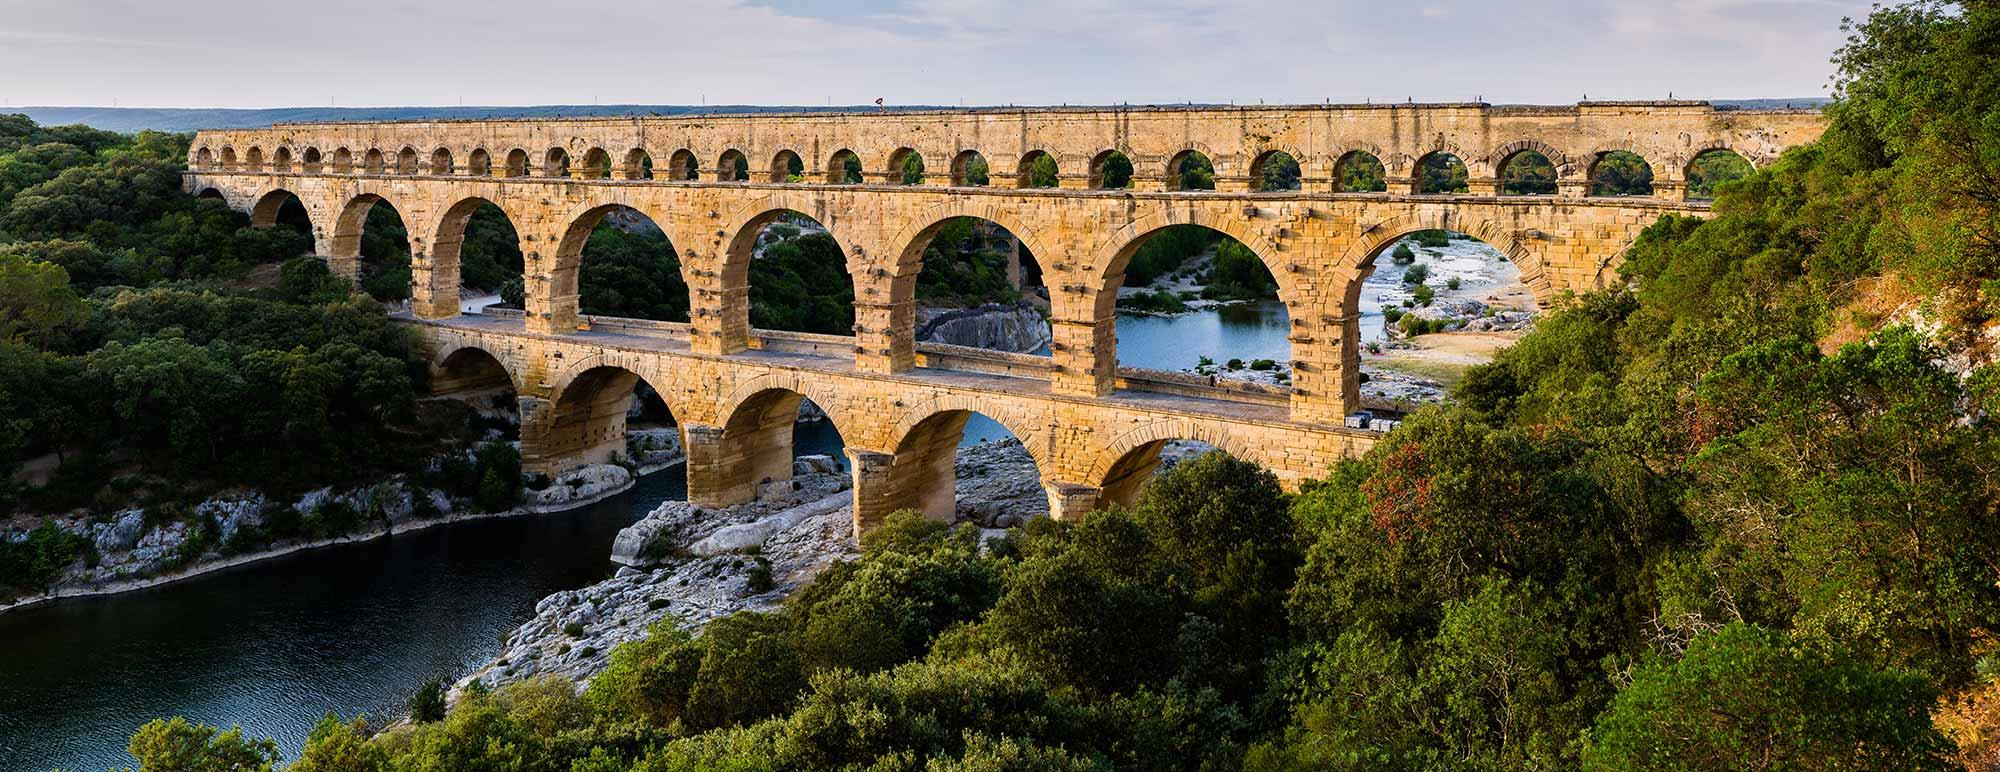 Pont du Gard wikipedia